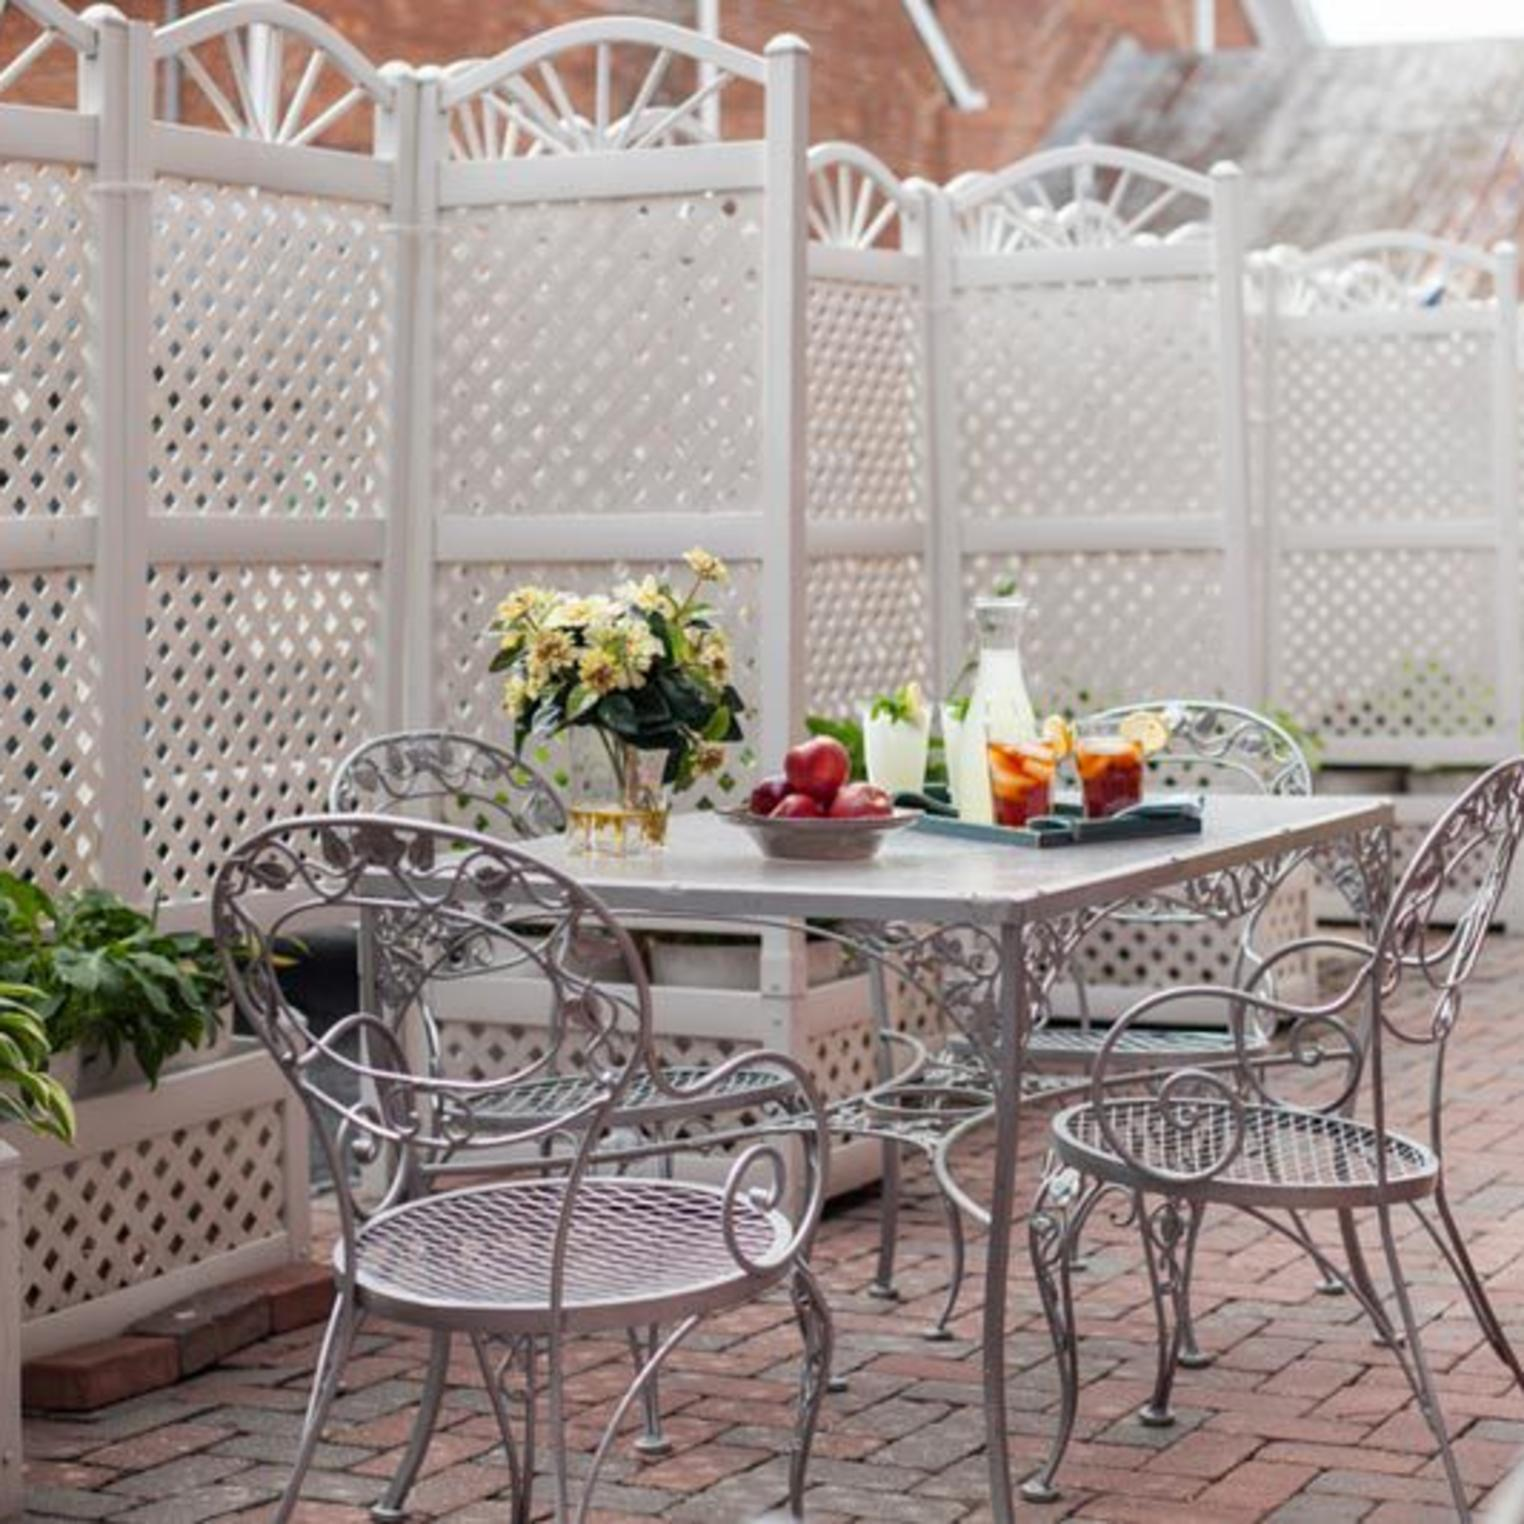 Outdoor Dining at Carlisle House B&B